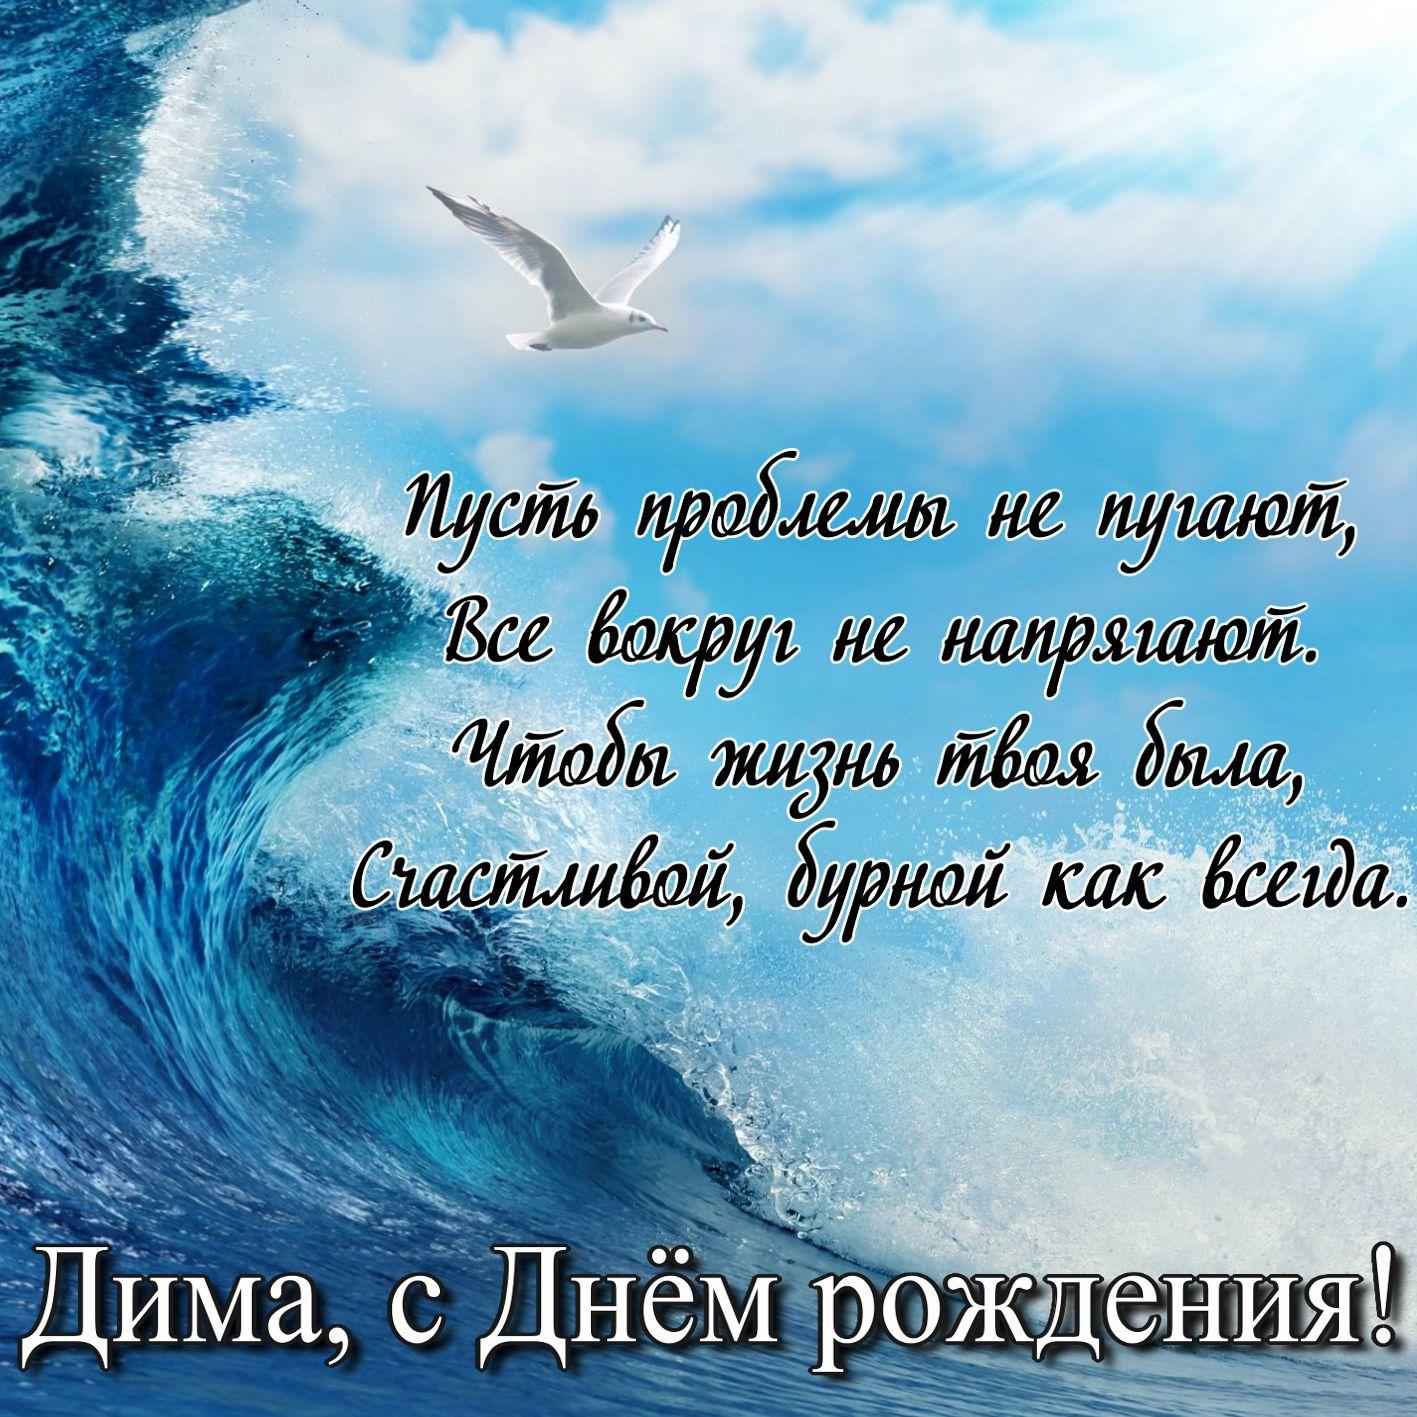 Открытка на День рождения Дмитрию - птица на фоне волны и пожелание